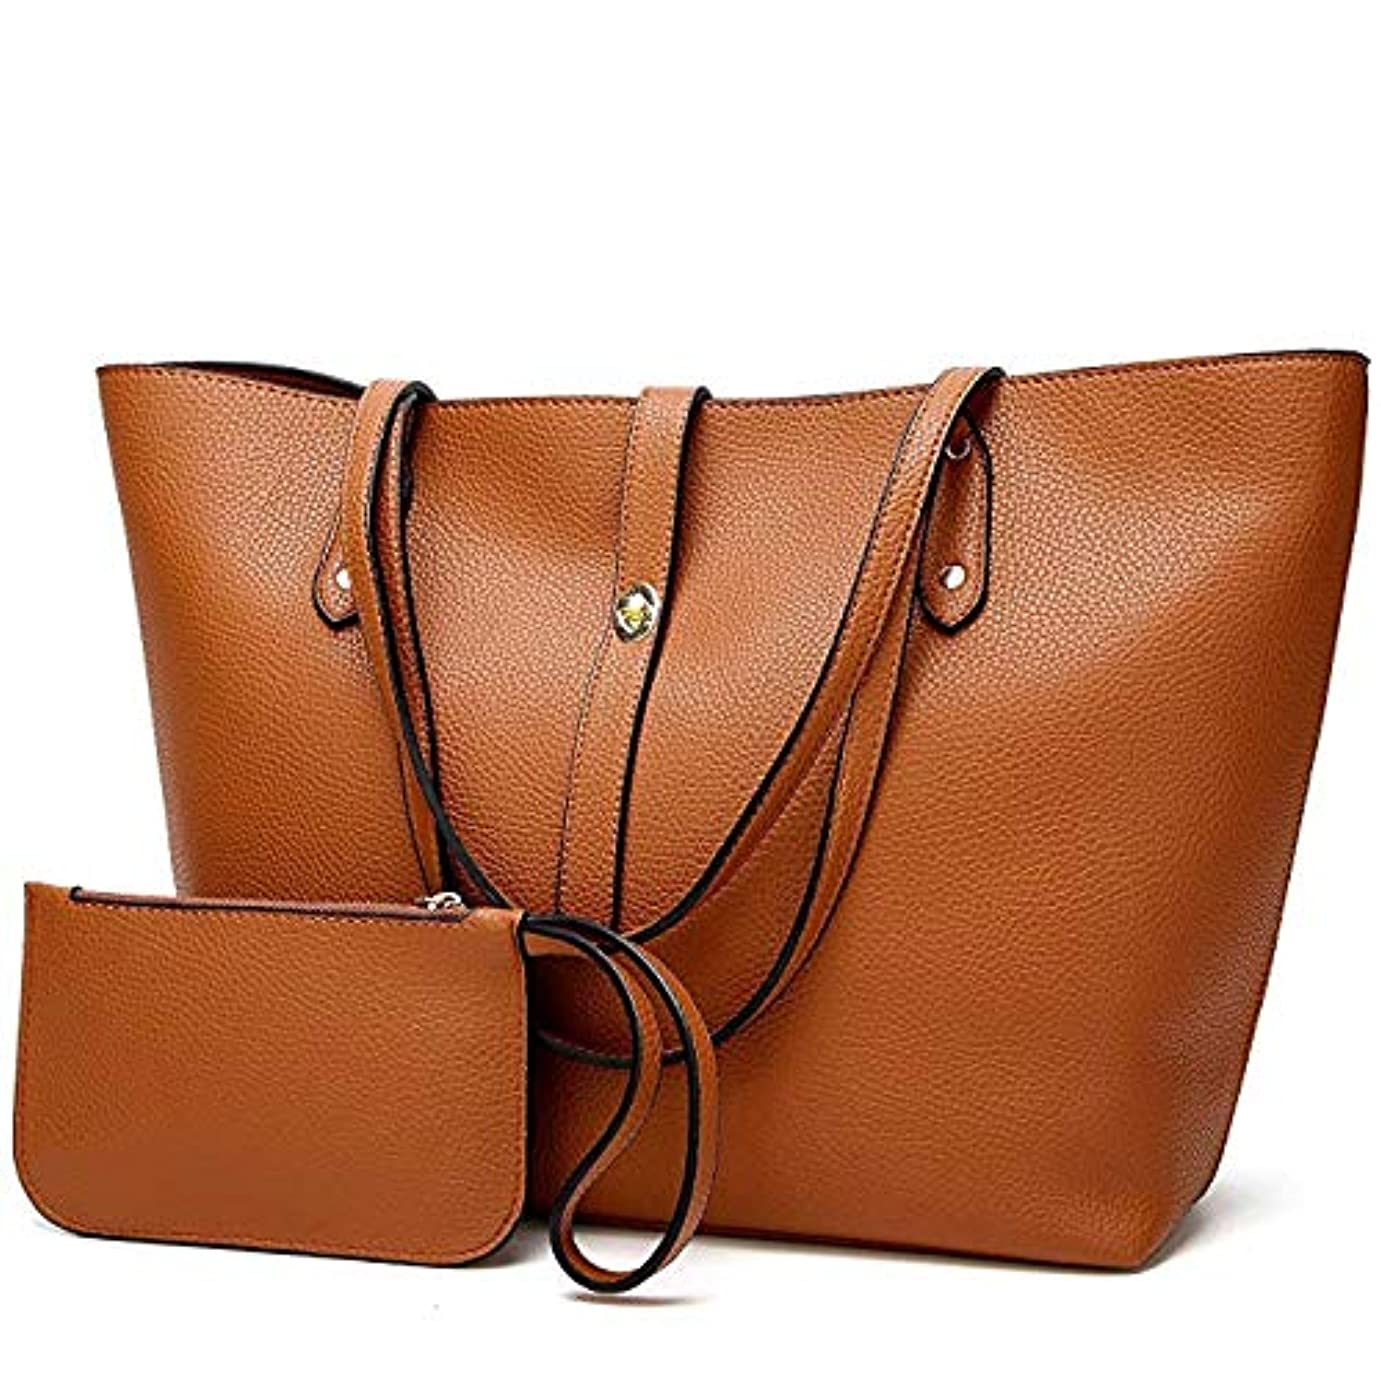 消す繊維エイズ[TcIFE] ハンドバッグ レディース トートバッグ 大容量 無地 ショルダーバッグ 2way 財布とハンドバッグ